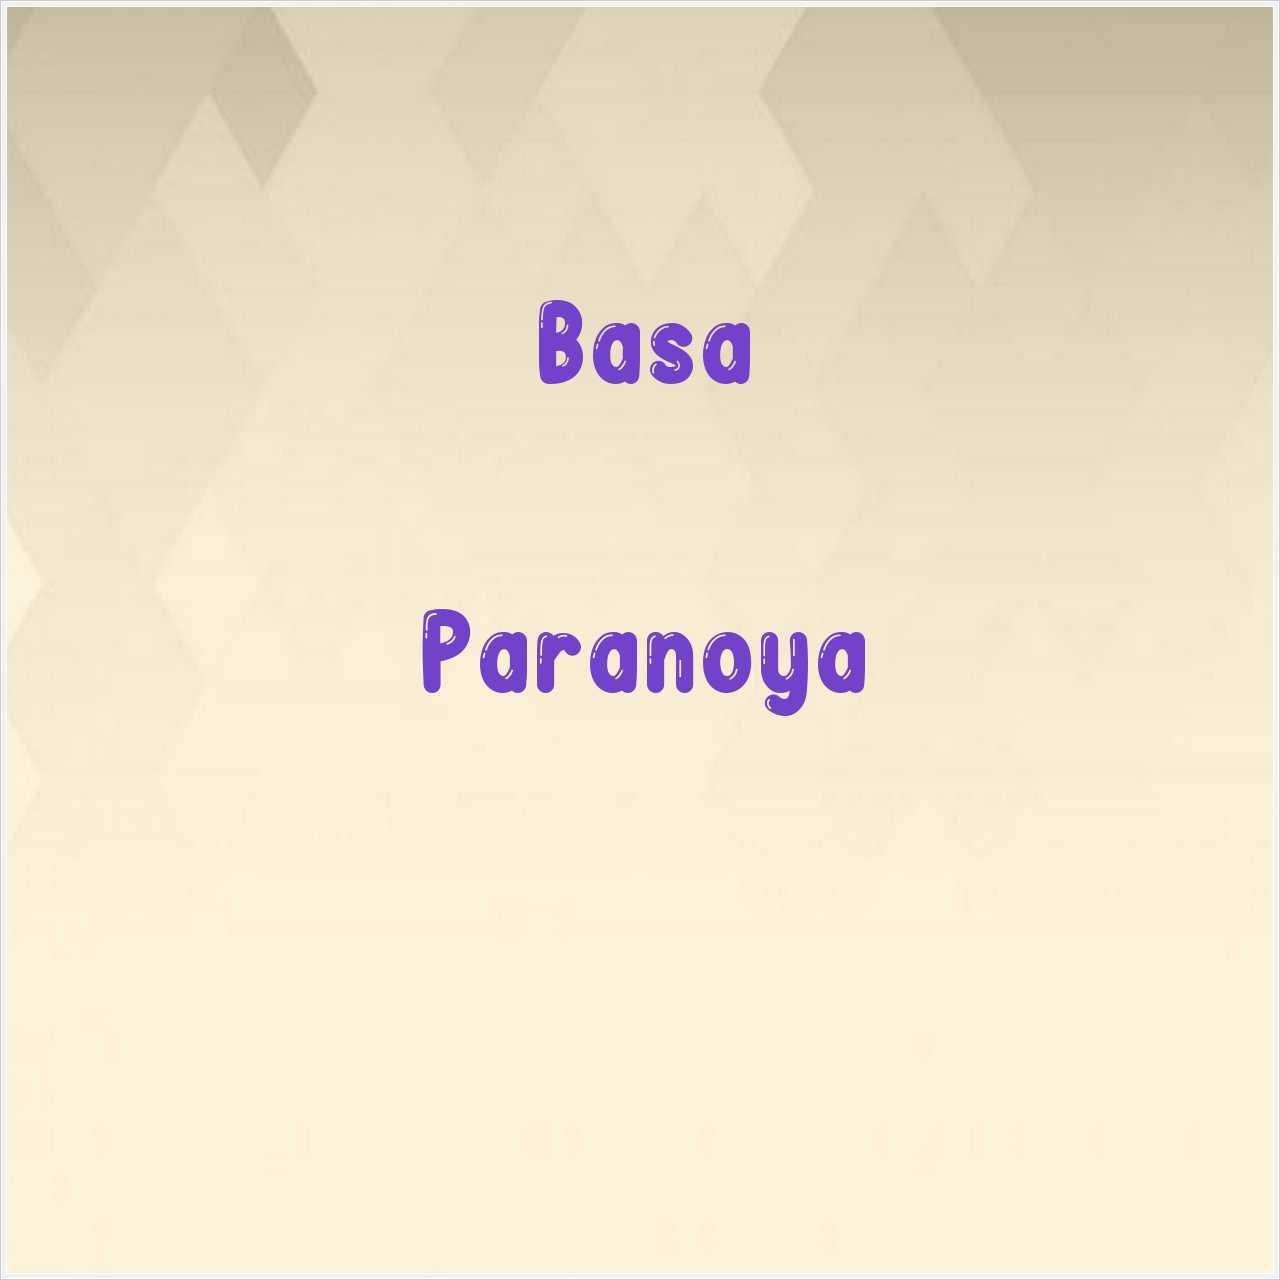 دانلود آهنگ جدید Basa به نام Paranoya